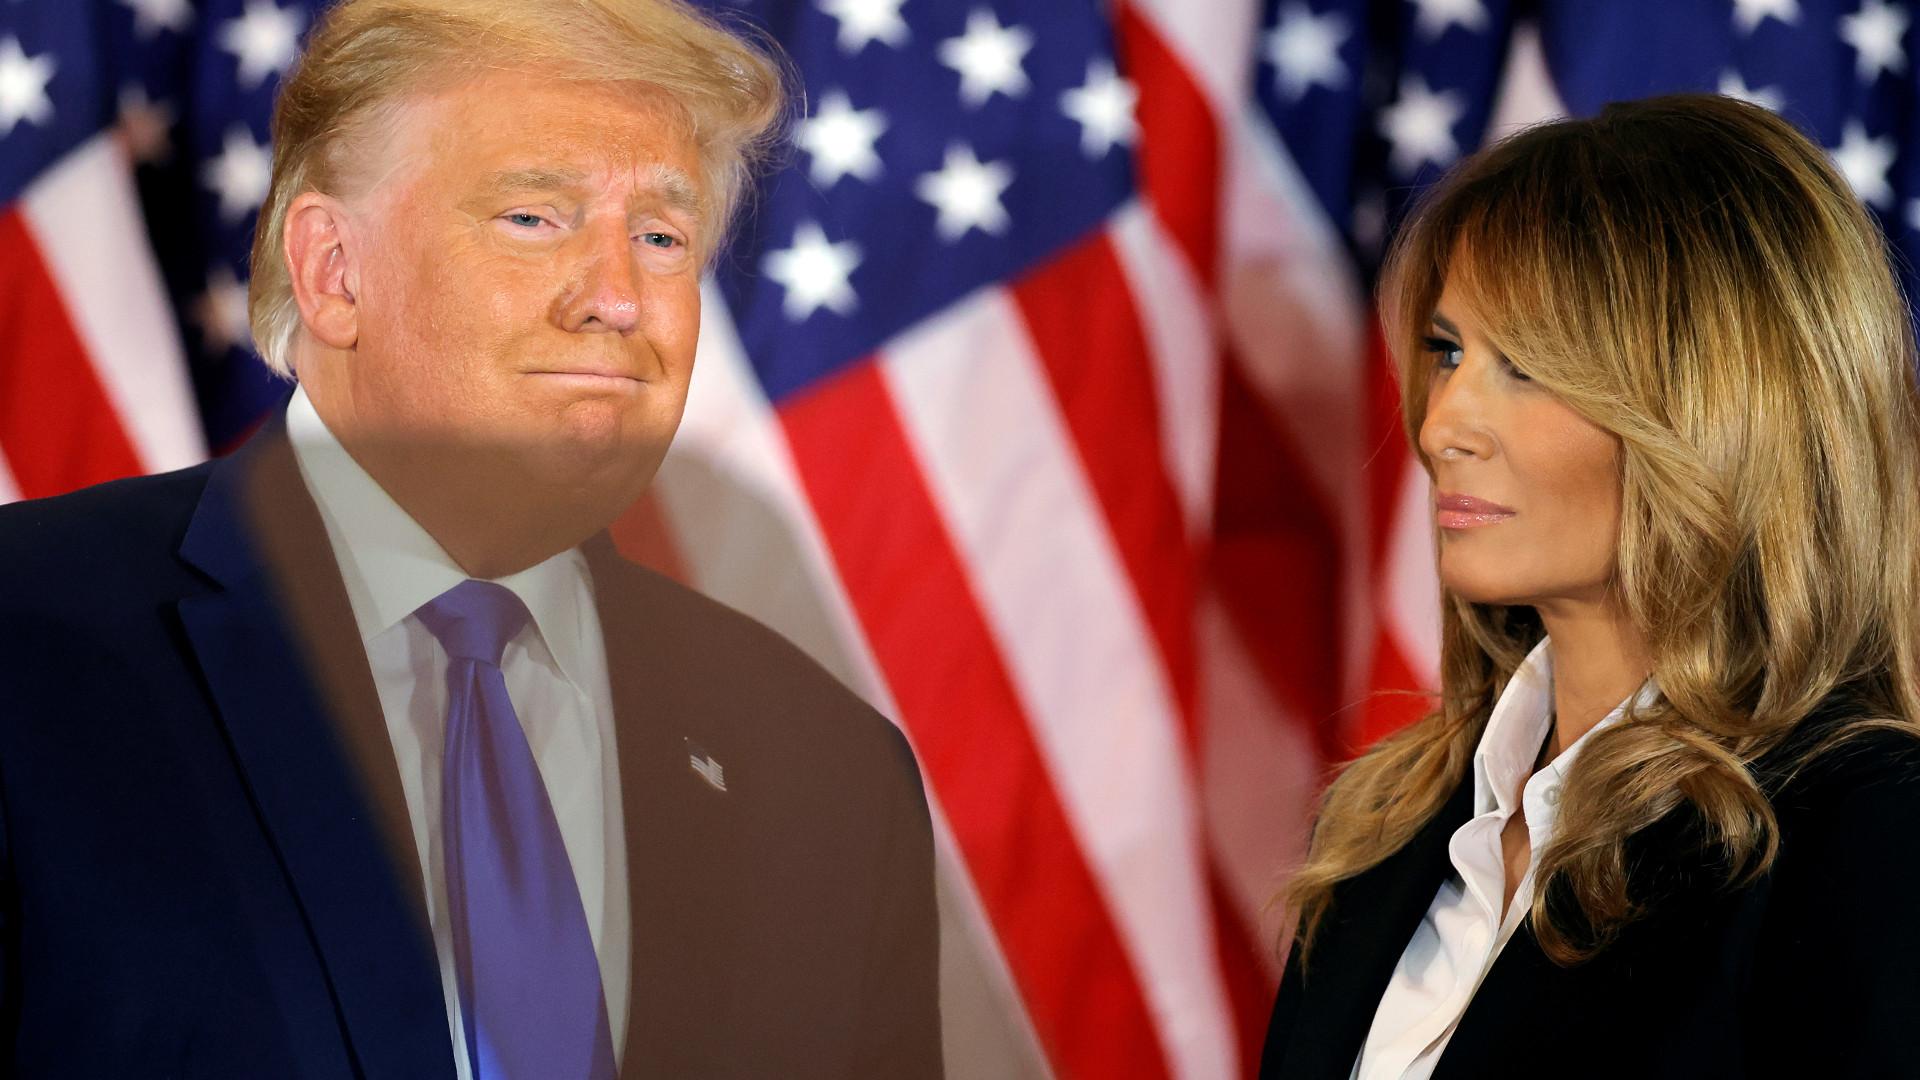 Zdjęcie Trumpów znów HITEM sieci. Pokazuje, jaki Donald ma stosunek do Melanii